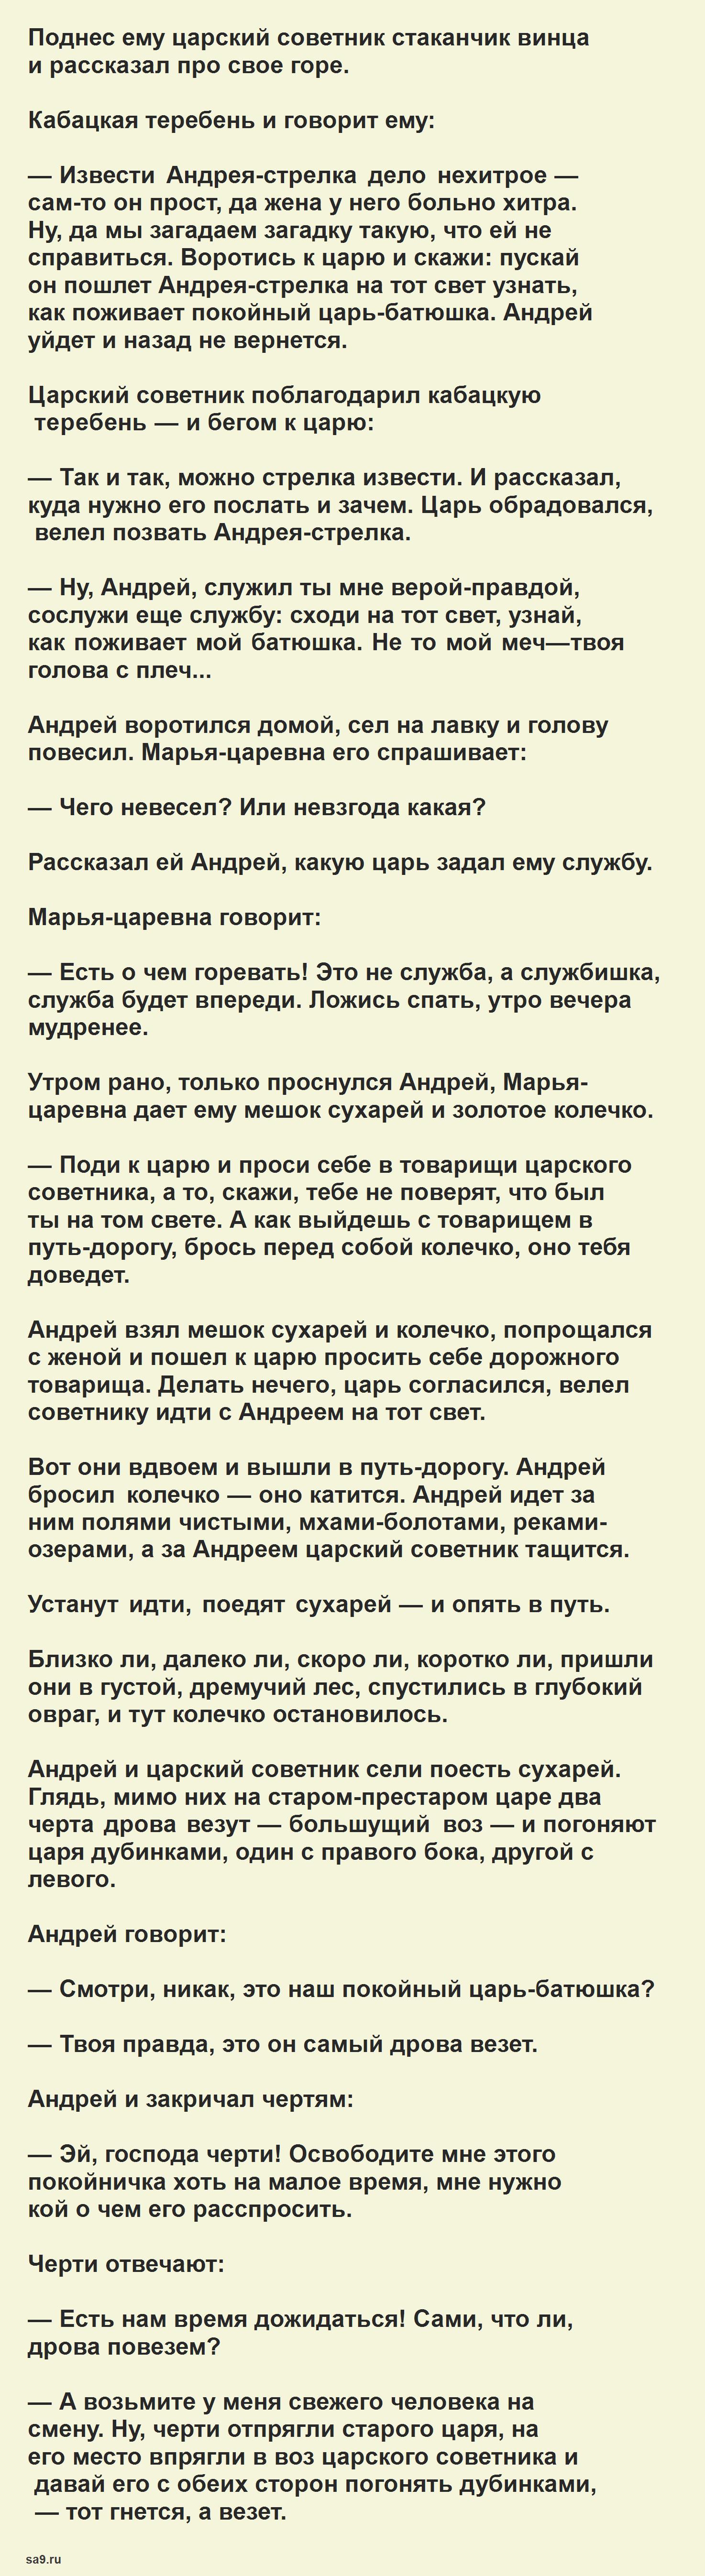 Читать русскую народную сказку - Поди туда не знаю куда, принеси то не знаю что